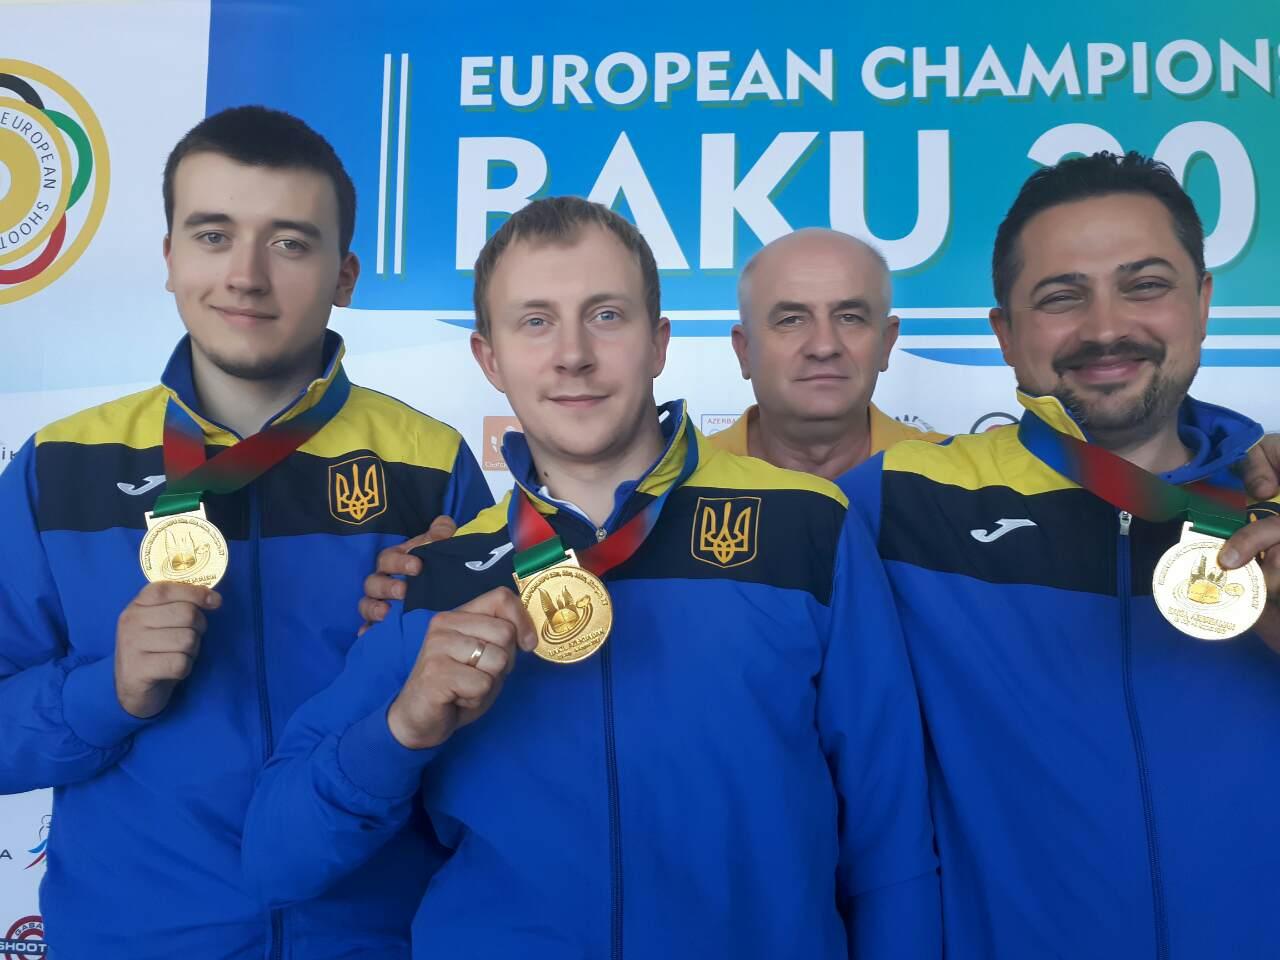 Сборная Украины — чемпион Европы по пулевой стрельбе!, фото-1